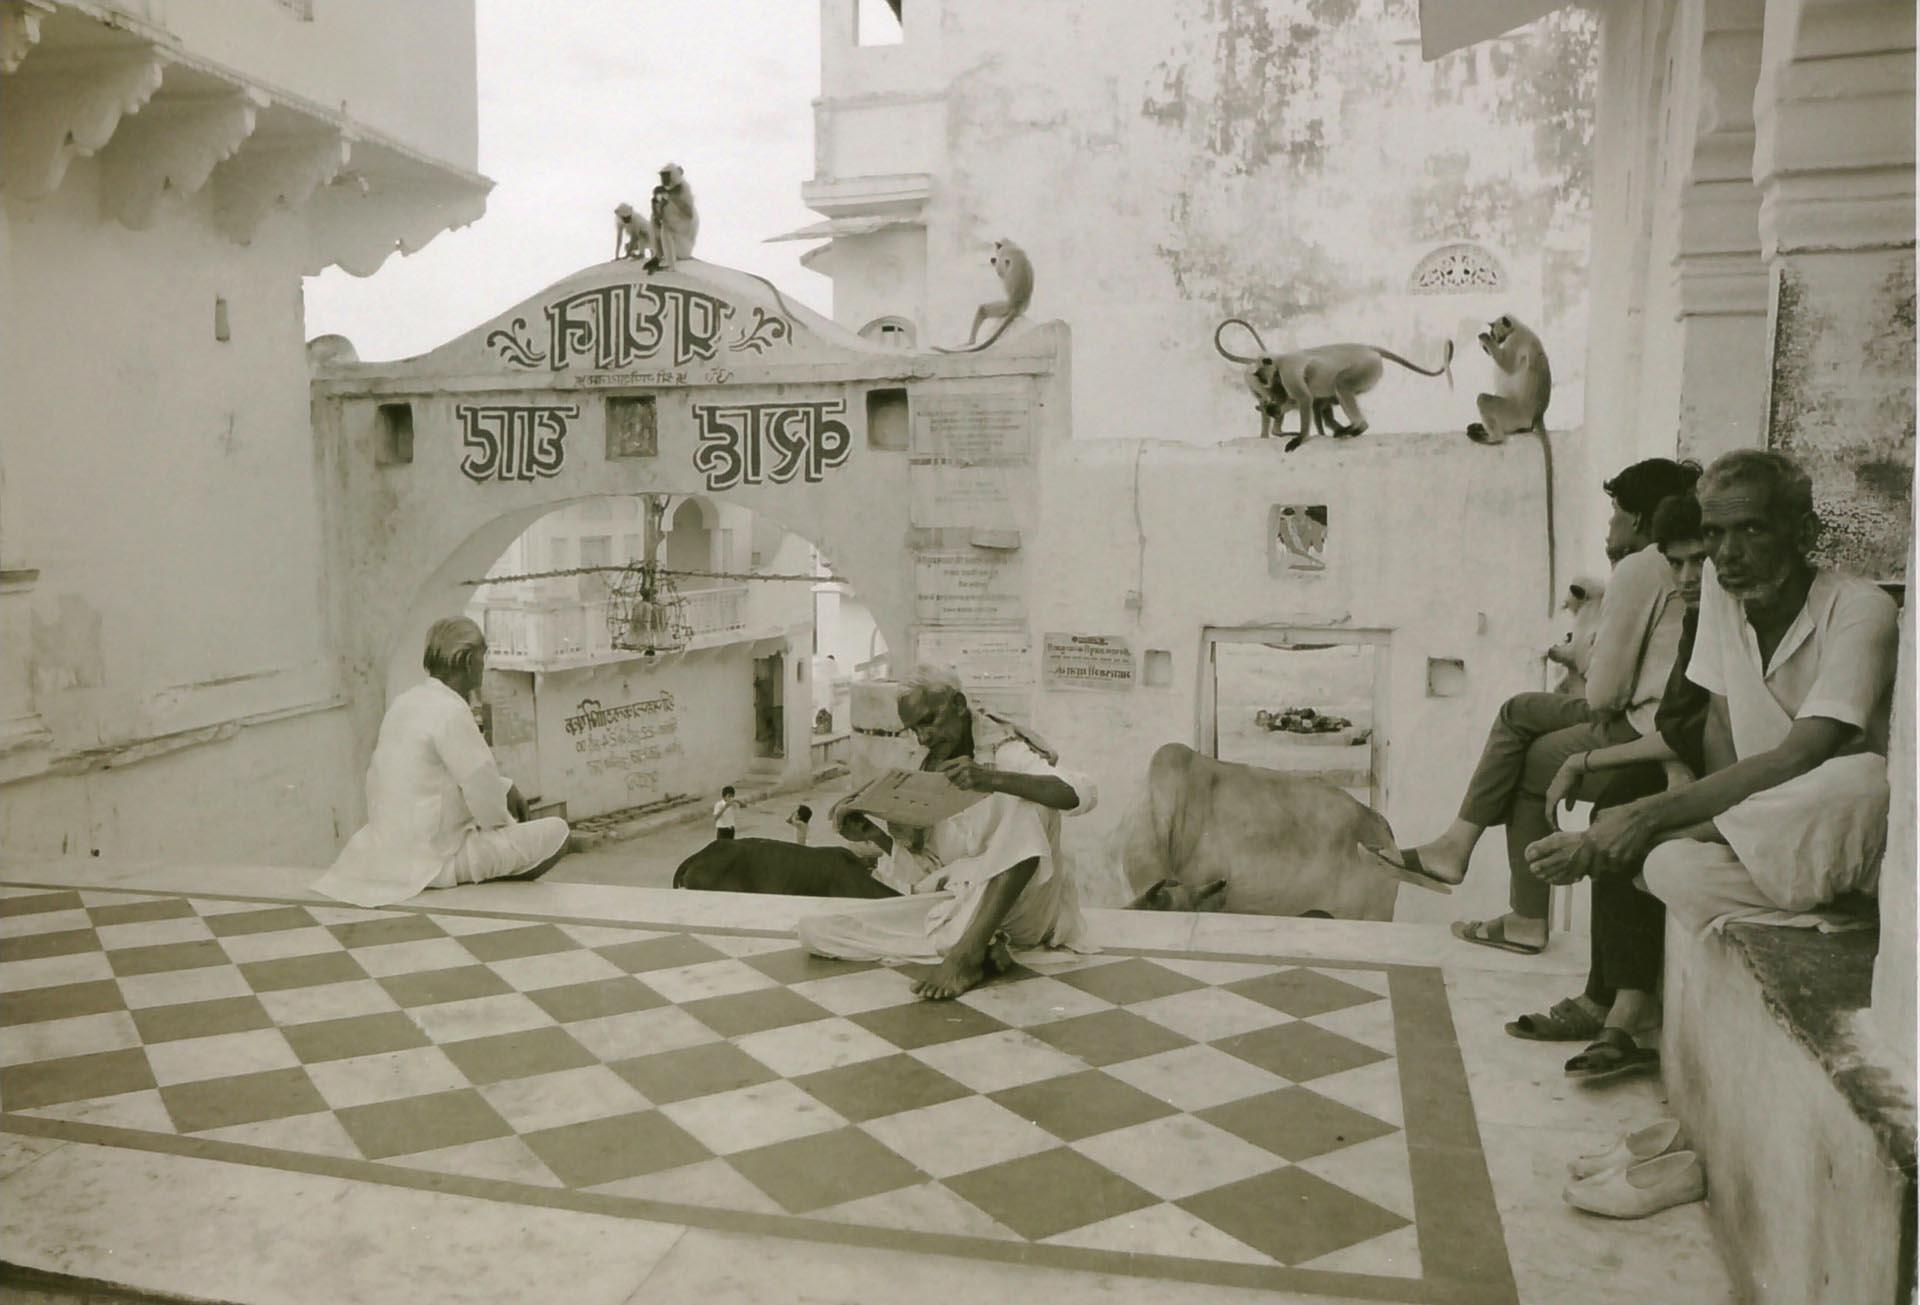 006-Puskhar square,India 1990